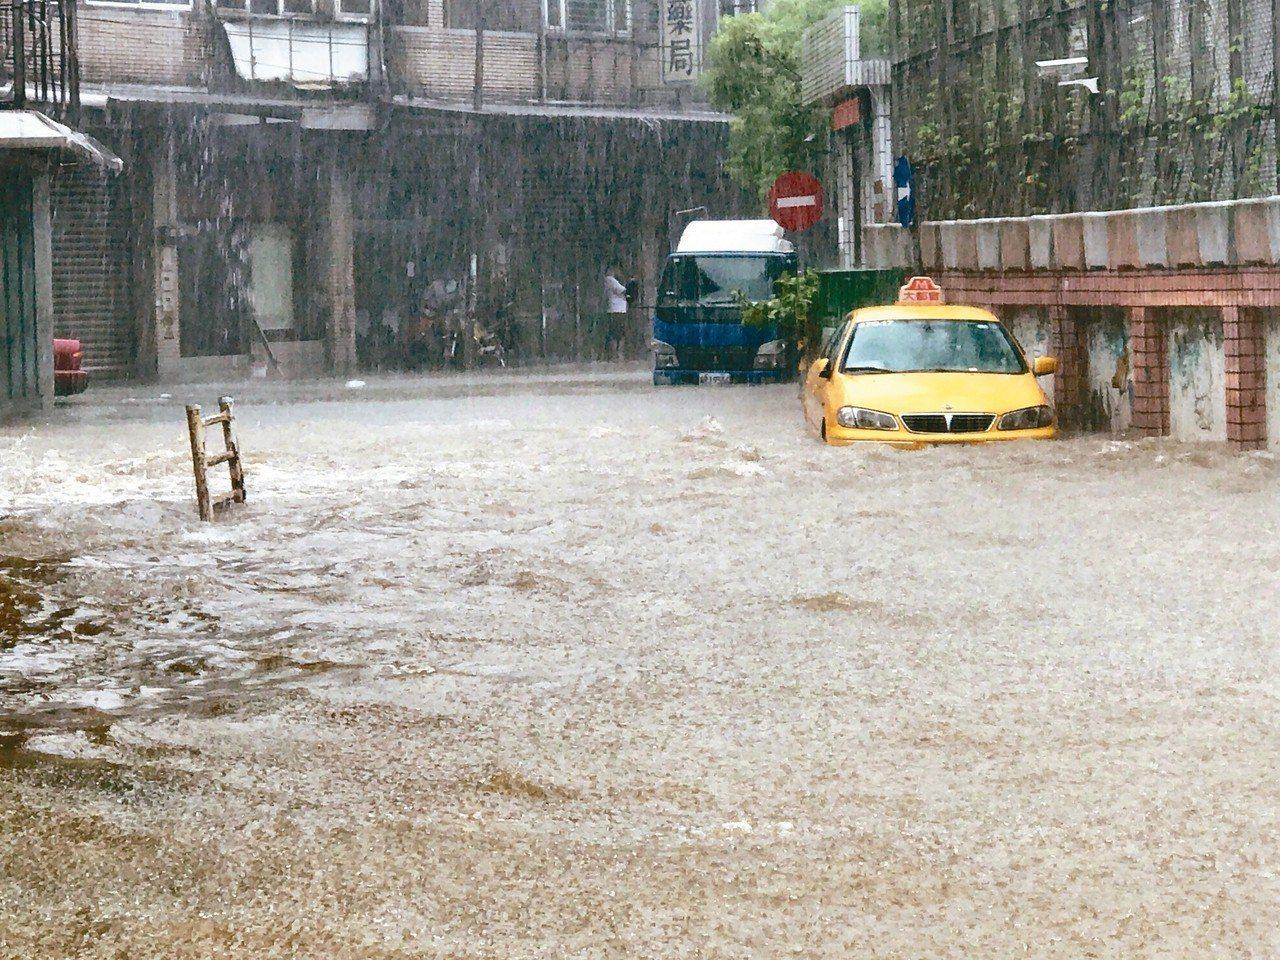 受到豪大雨侵襲,基隆市復興路212巷三度淹水,居民苦不堪言。 記者吳淑君/攝影